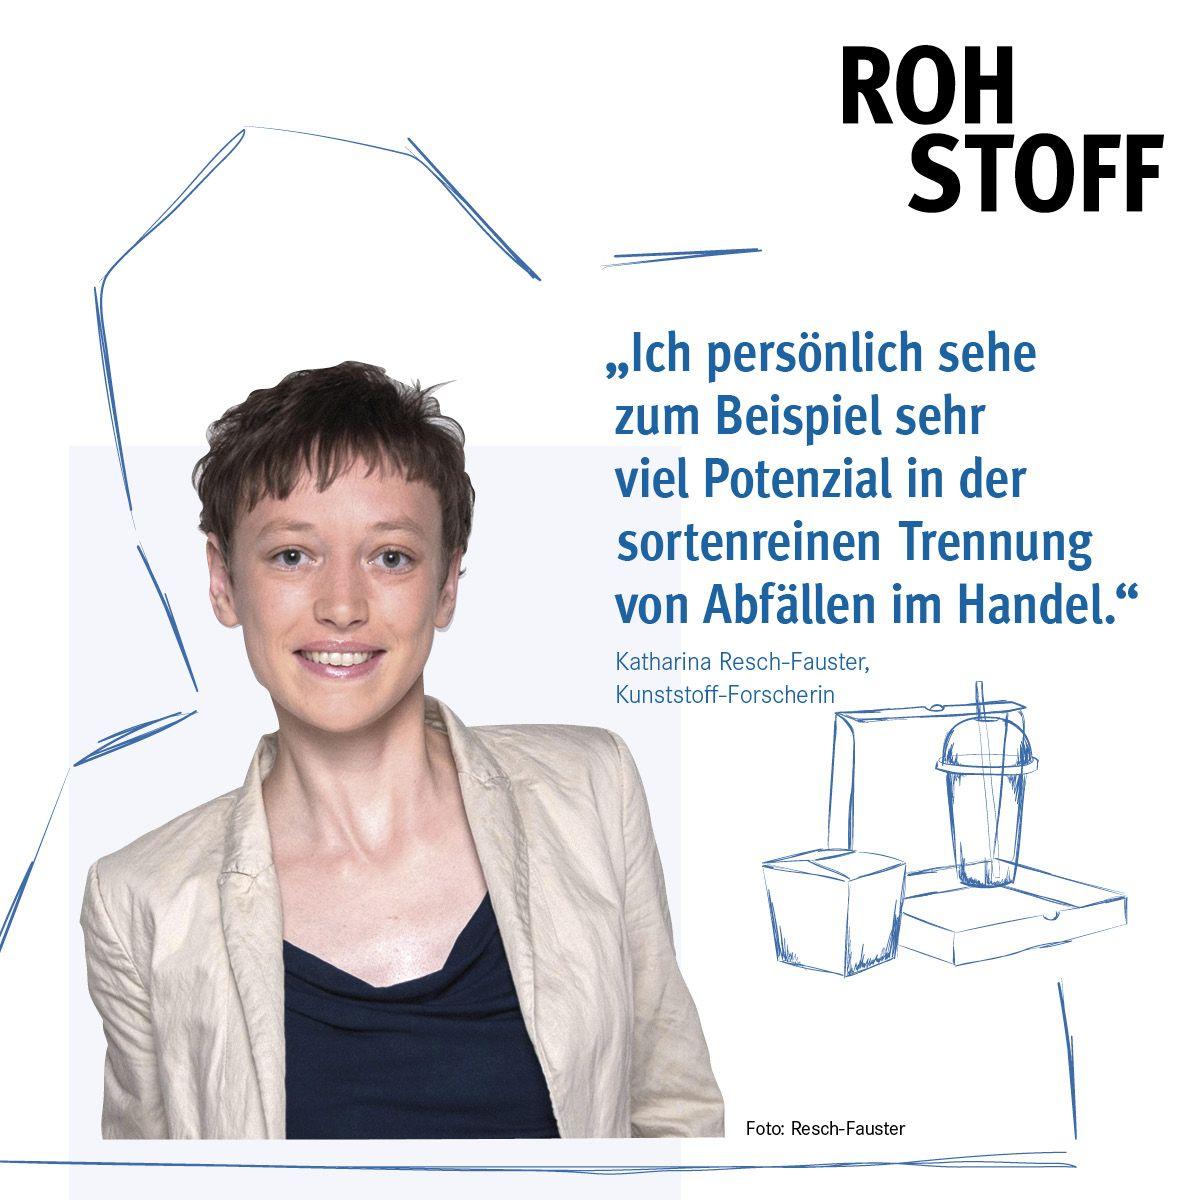 Katharina Resch-Fauster